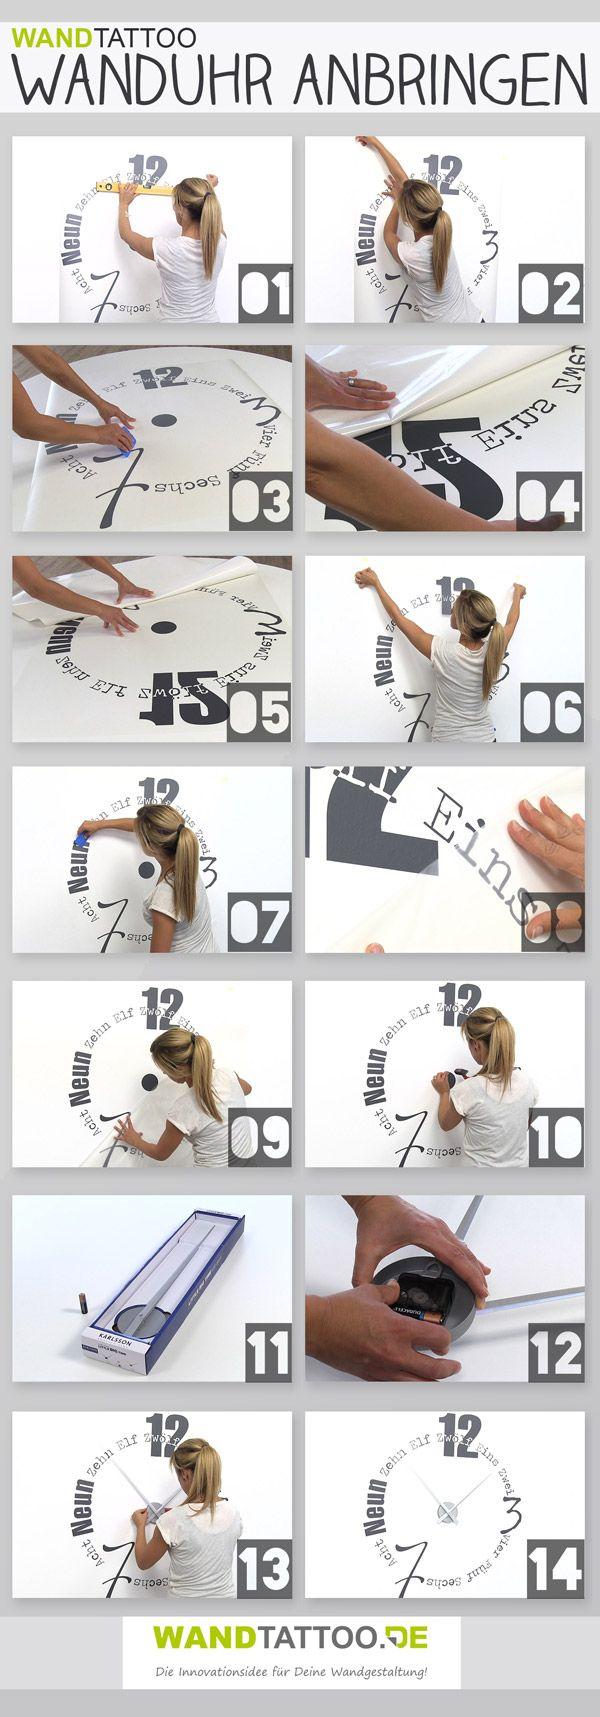 So einfach wird eine Wandtattoo Uhr angebracht. Eine ausführliche Anleitung mit Bildern und Video findet ihr in unserem Ratgeber auf WANDTATTOO.DE :)